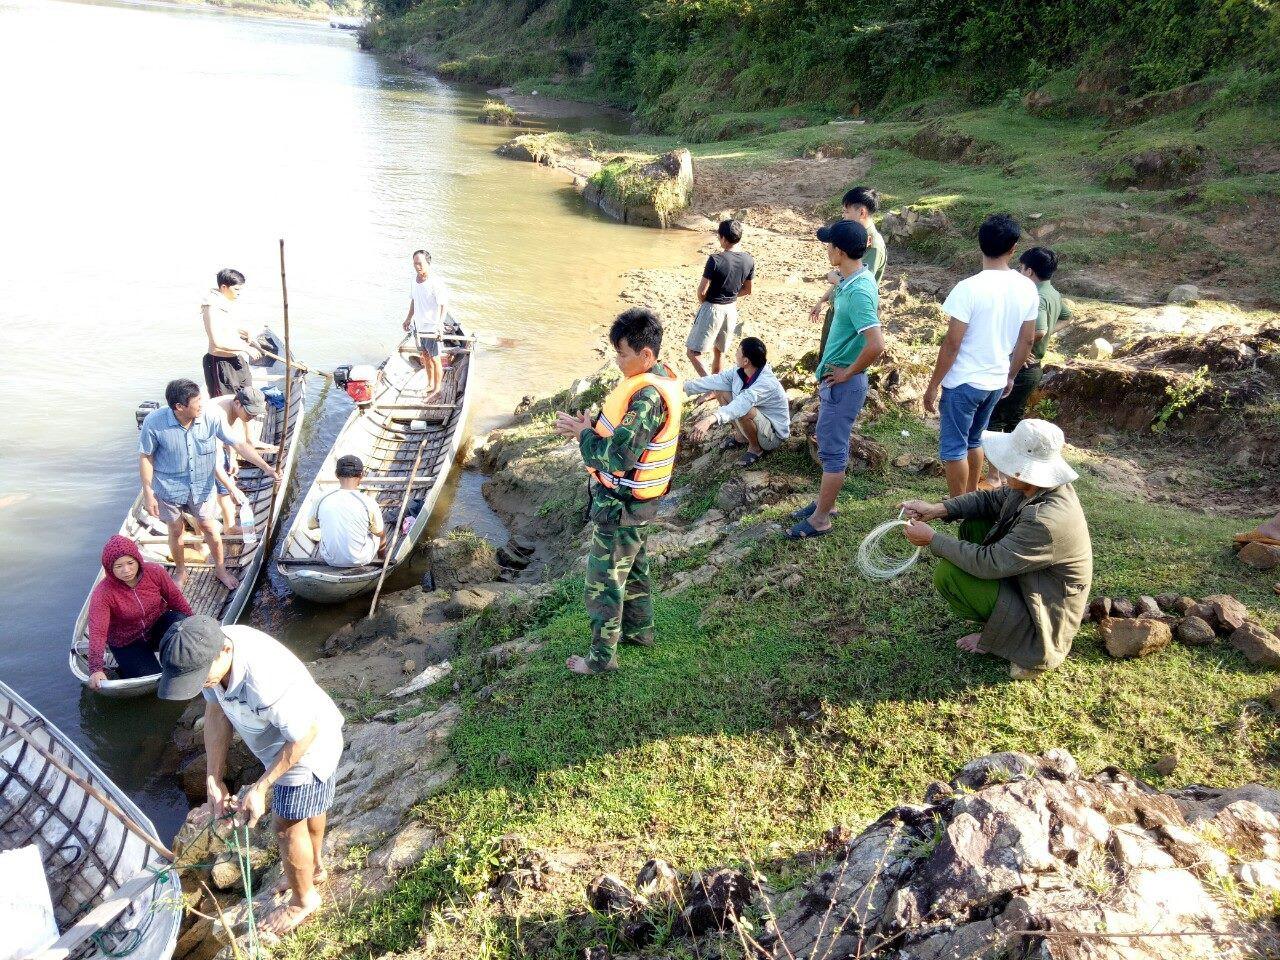 Rủ nhau ra bờ sông chơi, 2 em nhỏ mất tích nghi bị đuối nước - Ảnh 1.